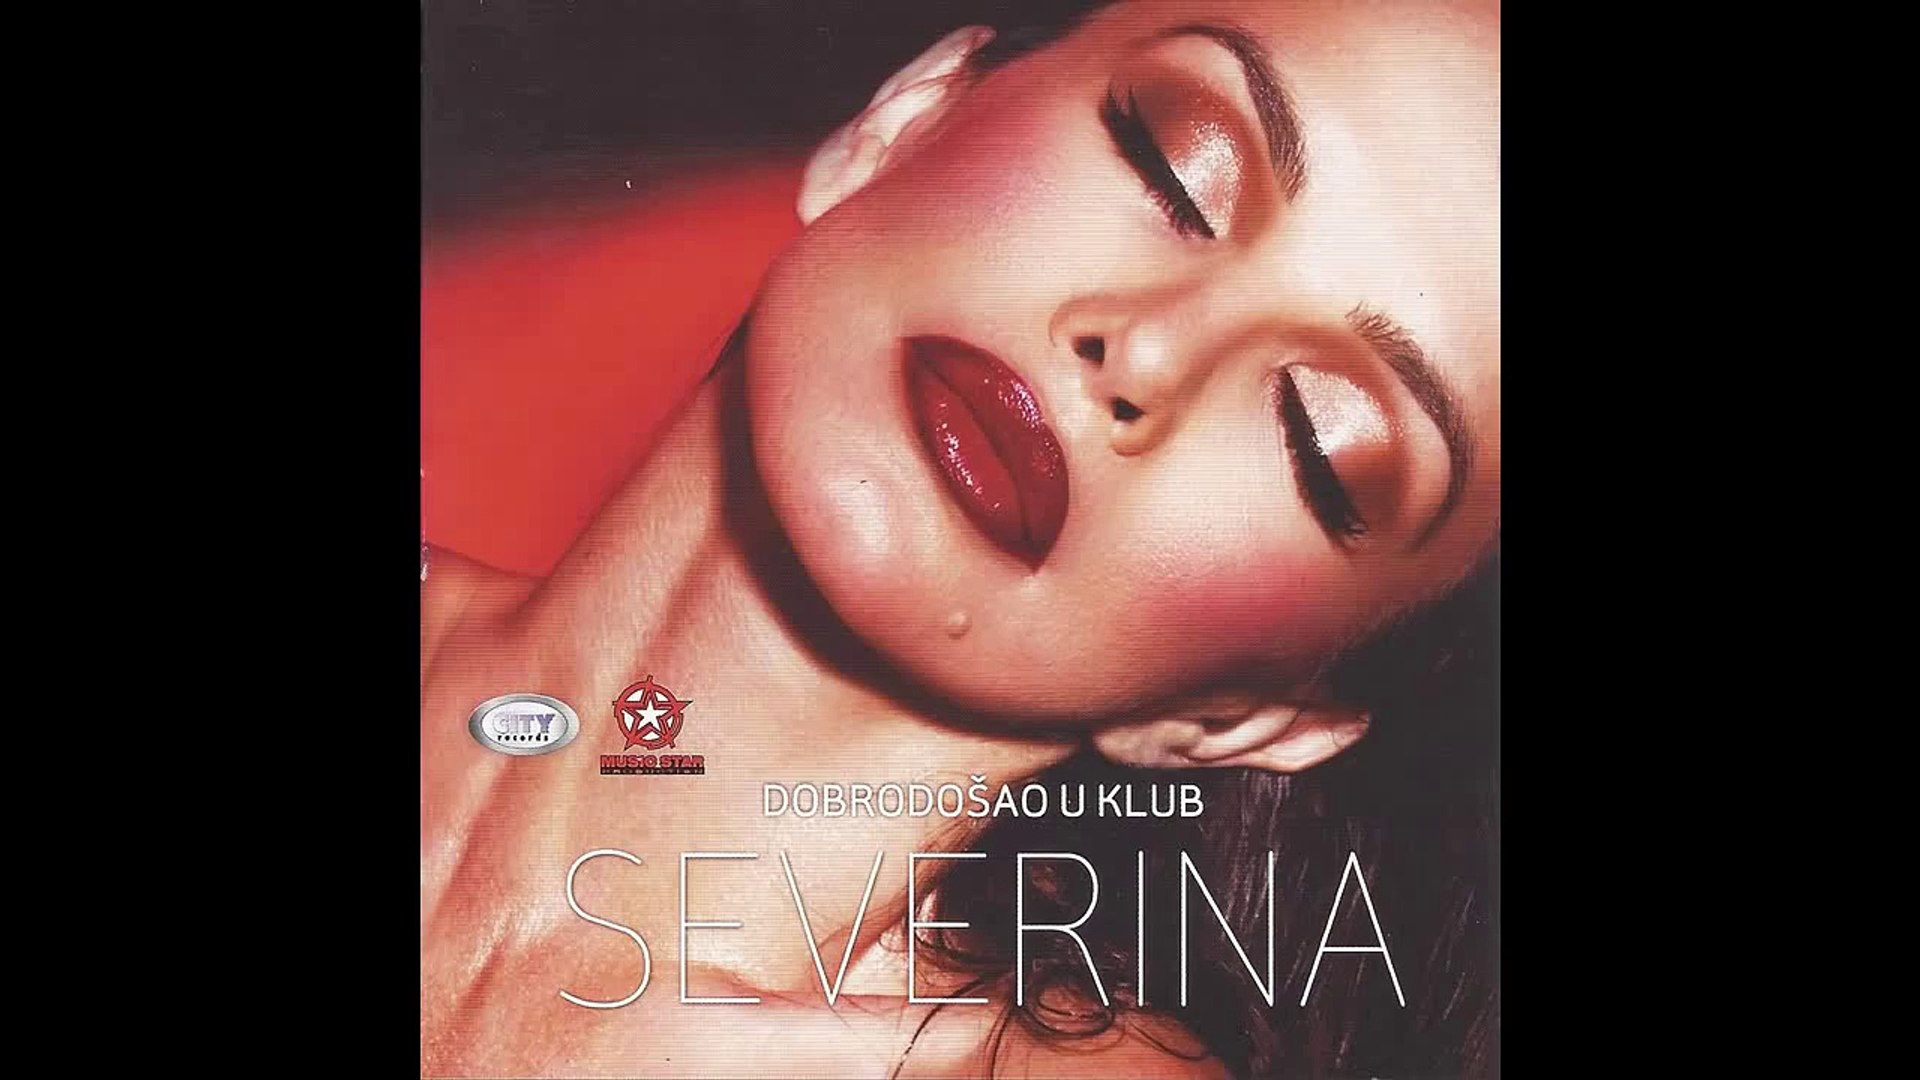 Severina - Kamen oko vrata (NOVO) Lyrics